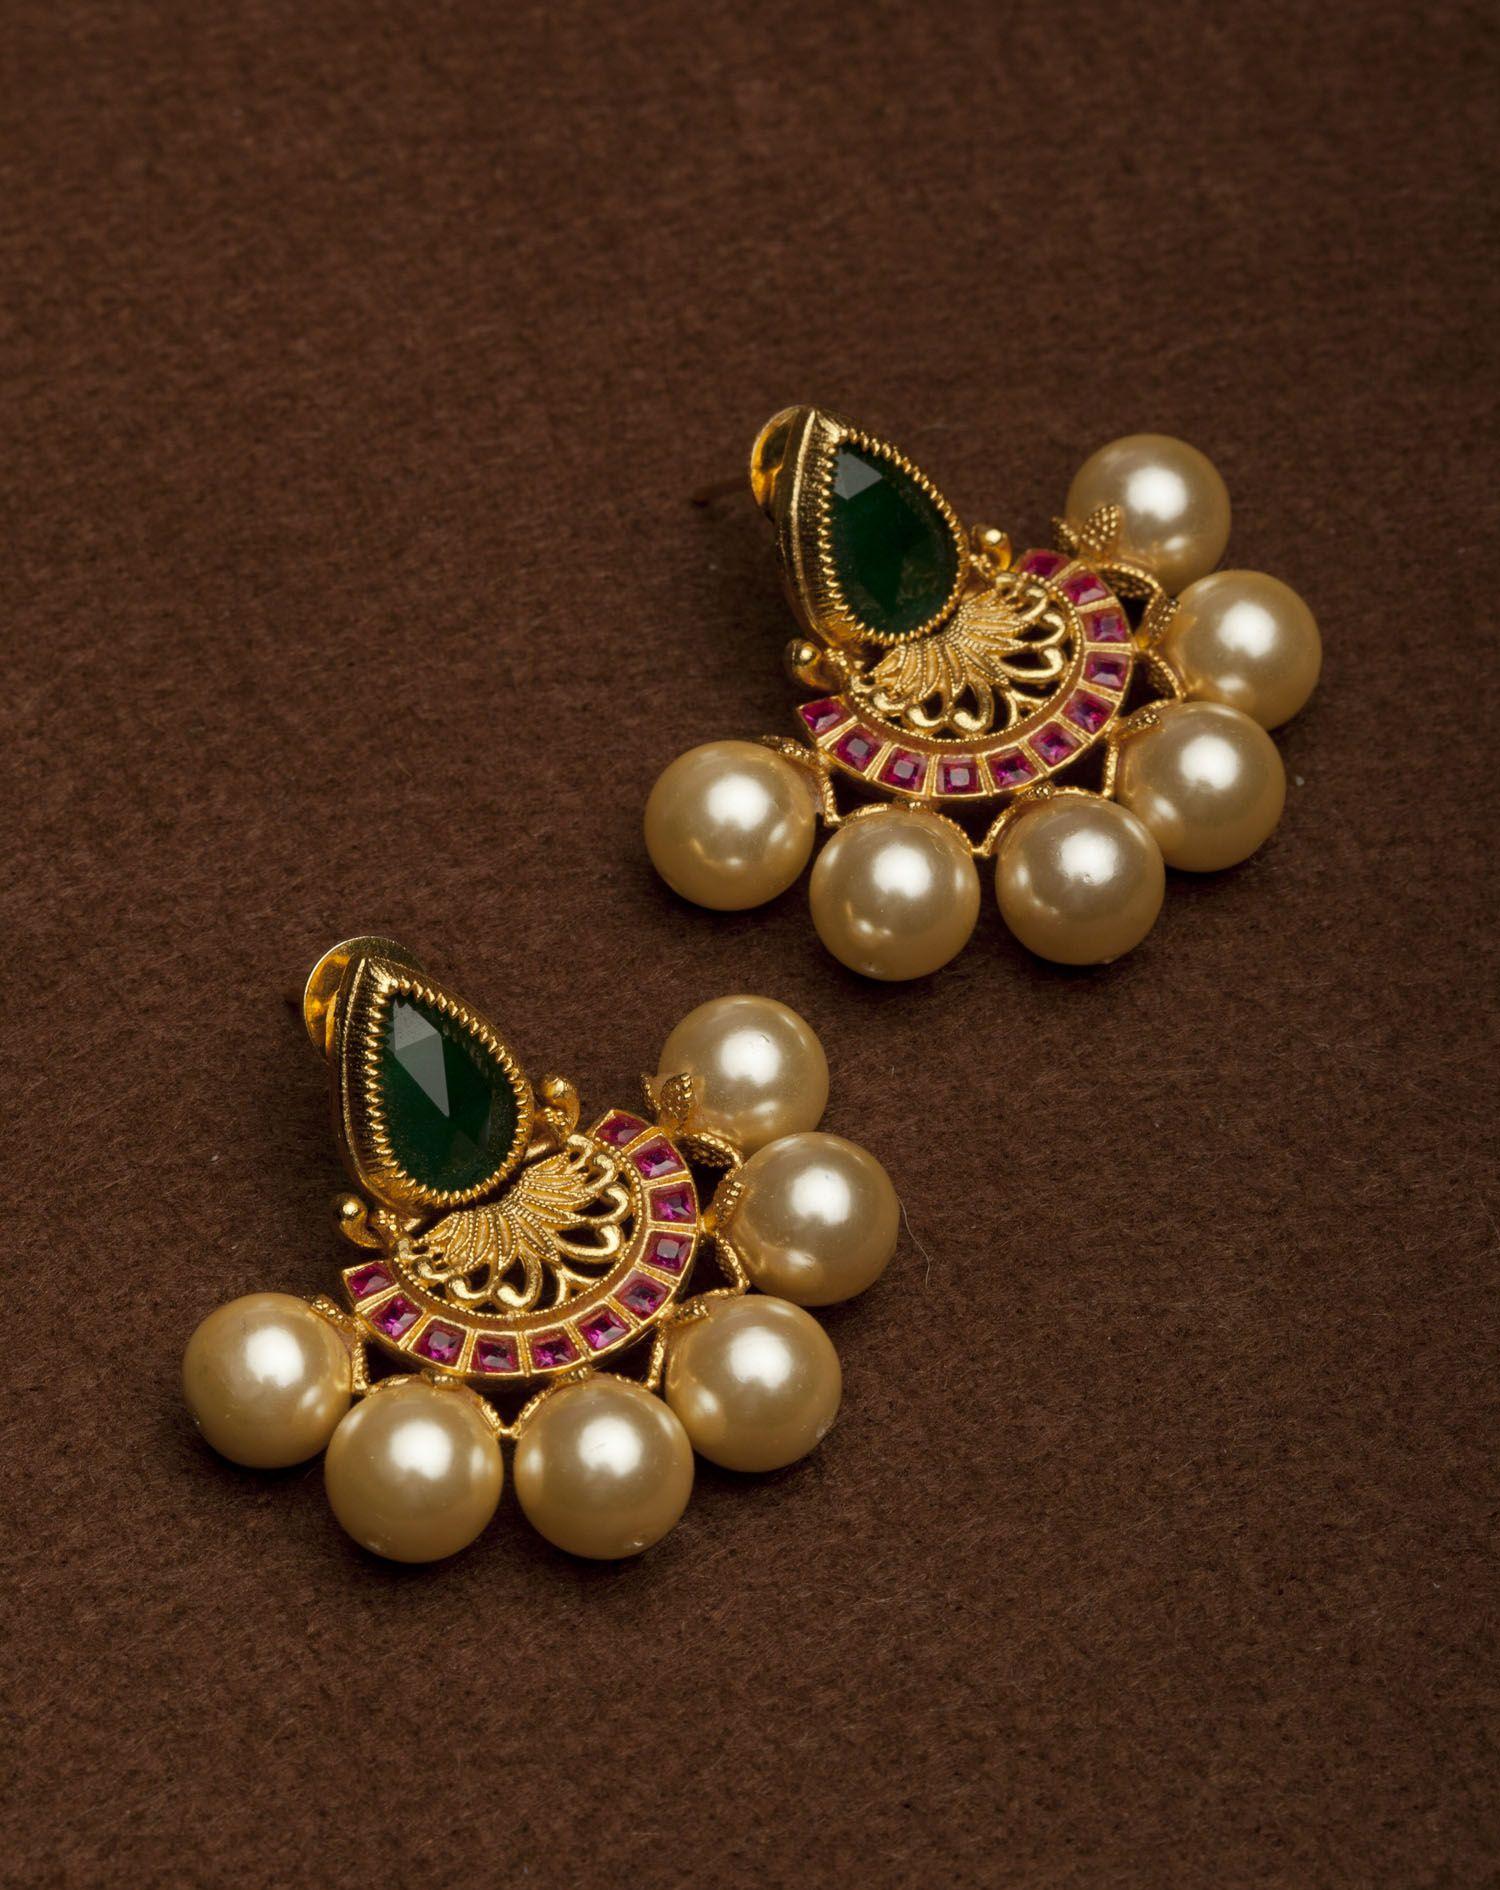 Ykgn's Accessories Golden Pearl Earrings